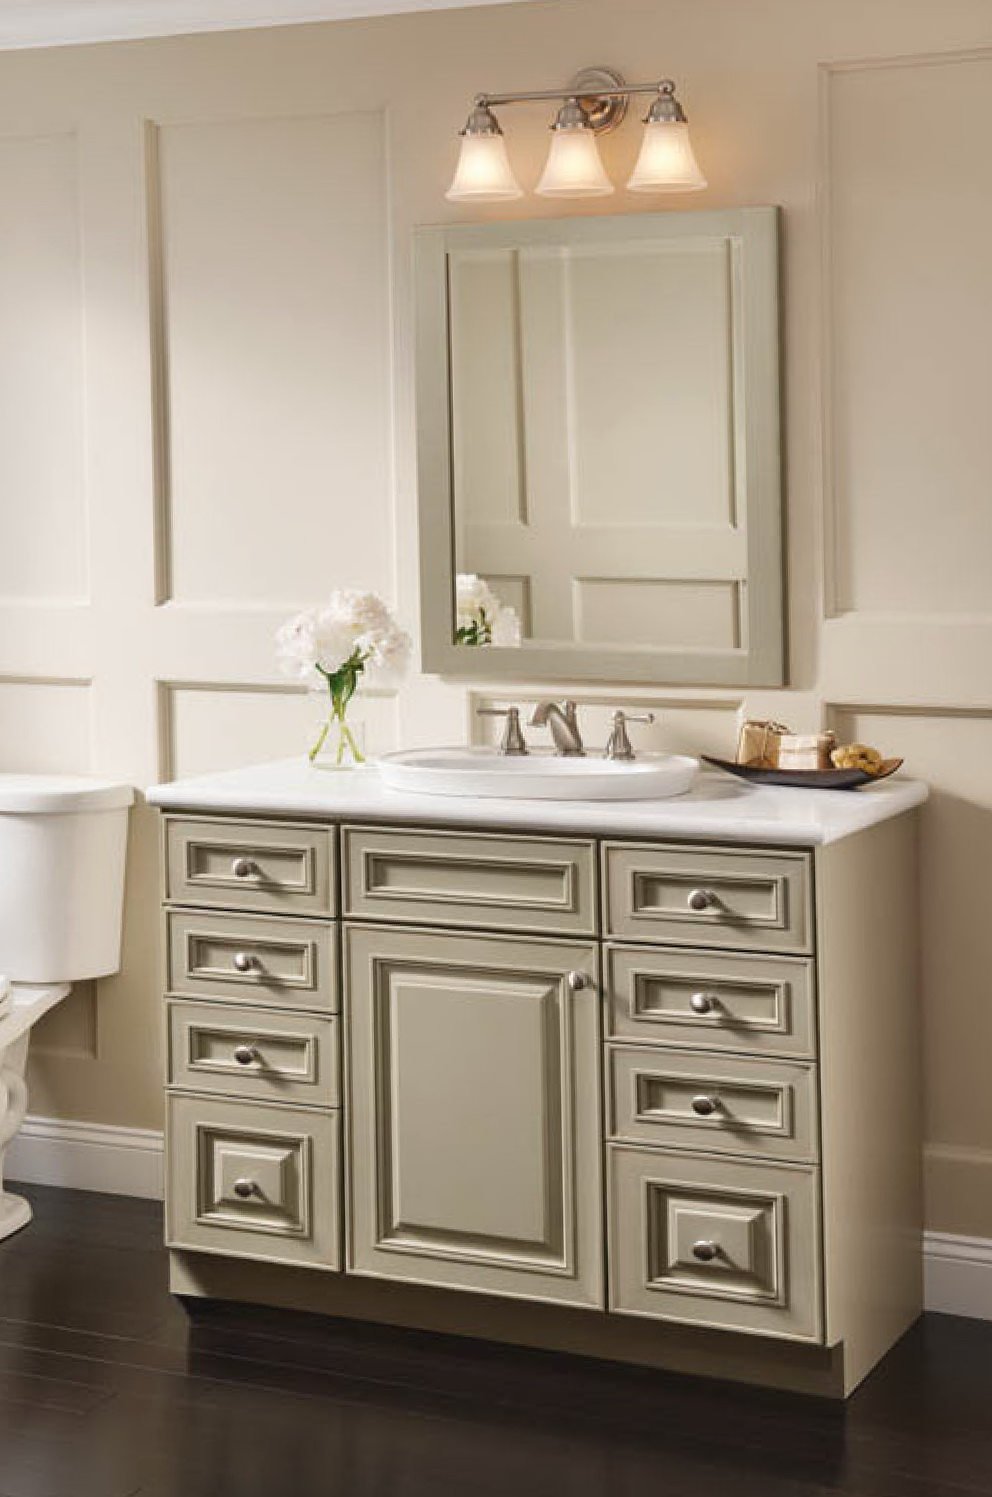 Kraftmaid bathroom vanities at lowes home design ideas for Lowes kraftmaid bathroom vanity